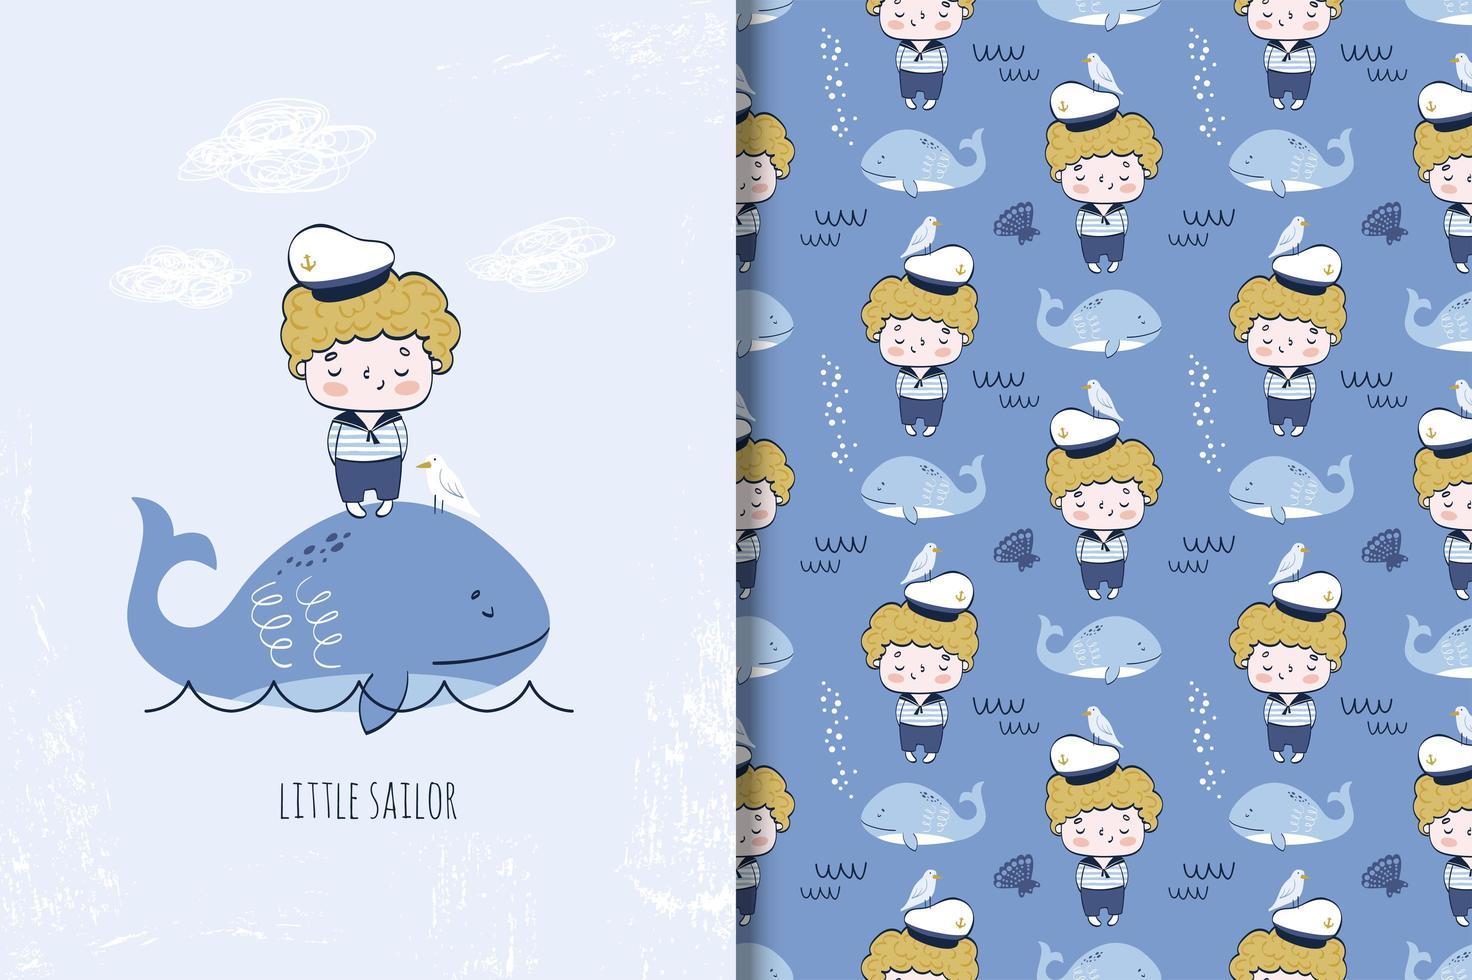 kleiner Junge Seemann auf dem Wal vektor